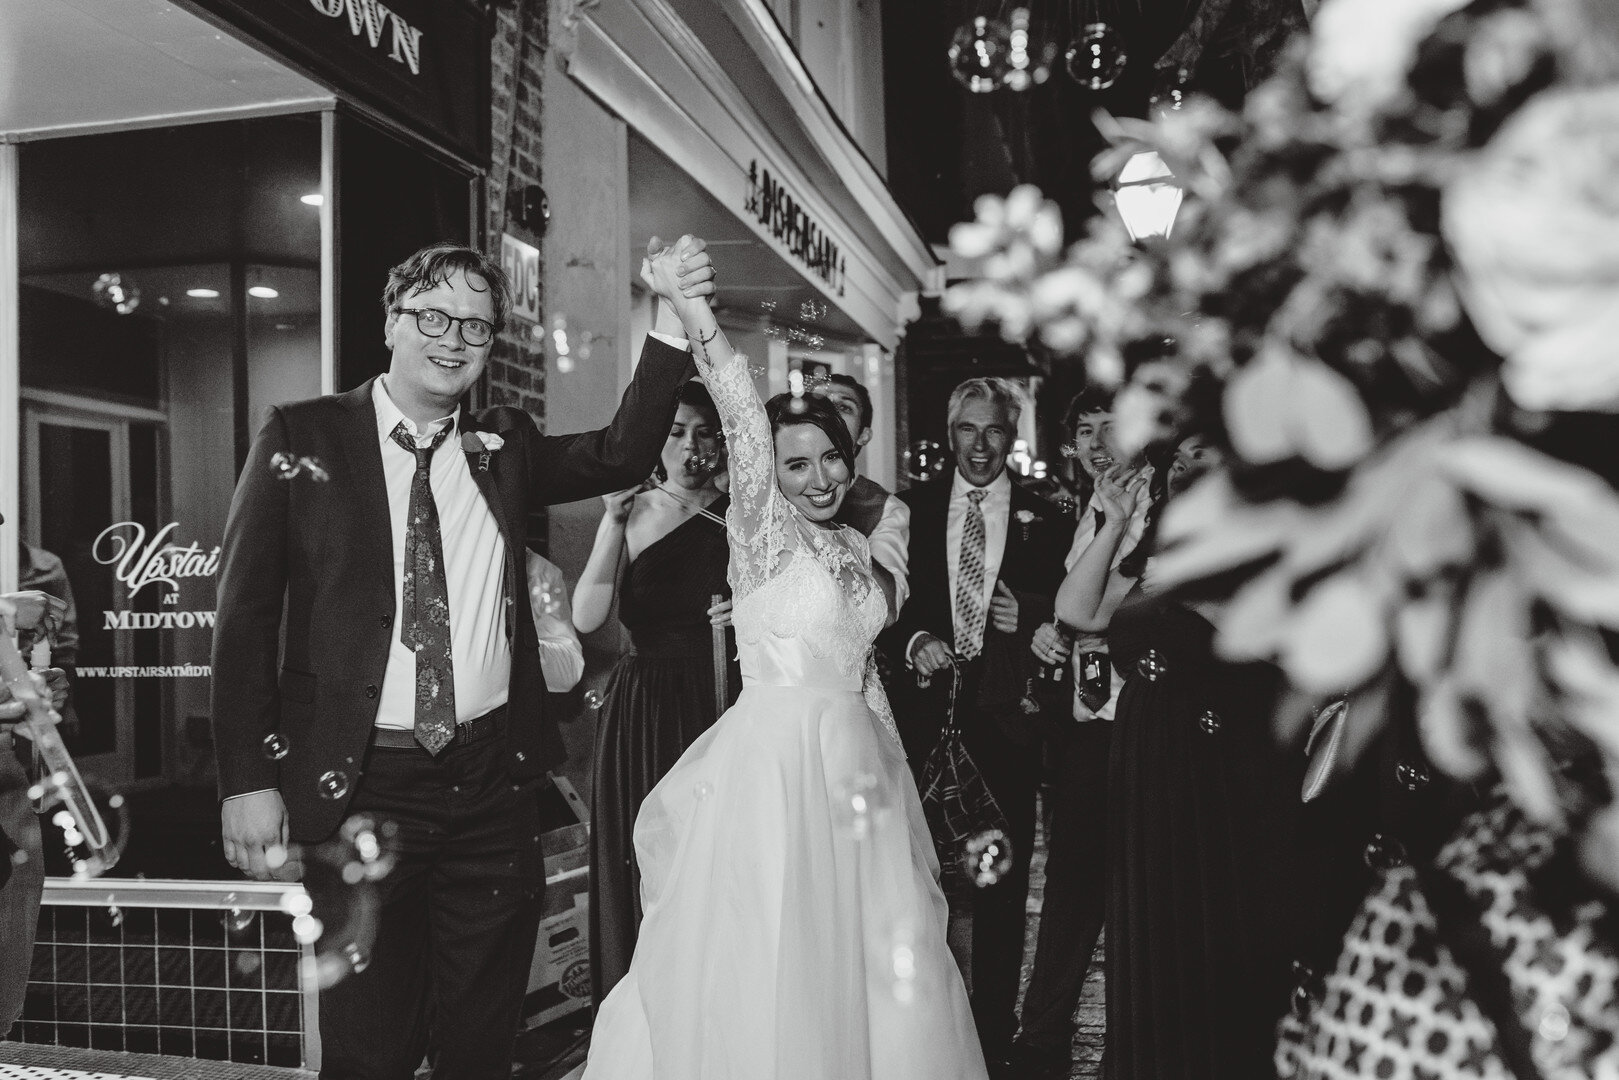 upstairs-at-midtown-wedding-16.JPG